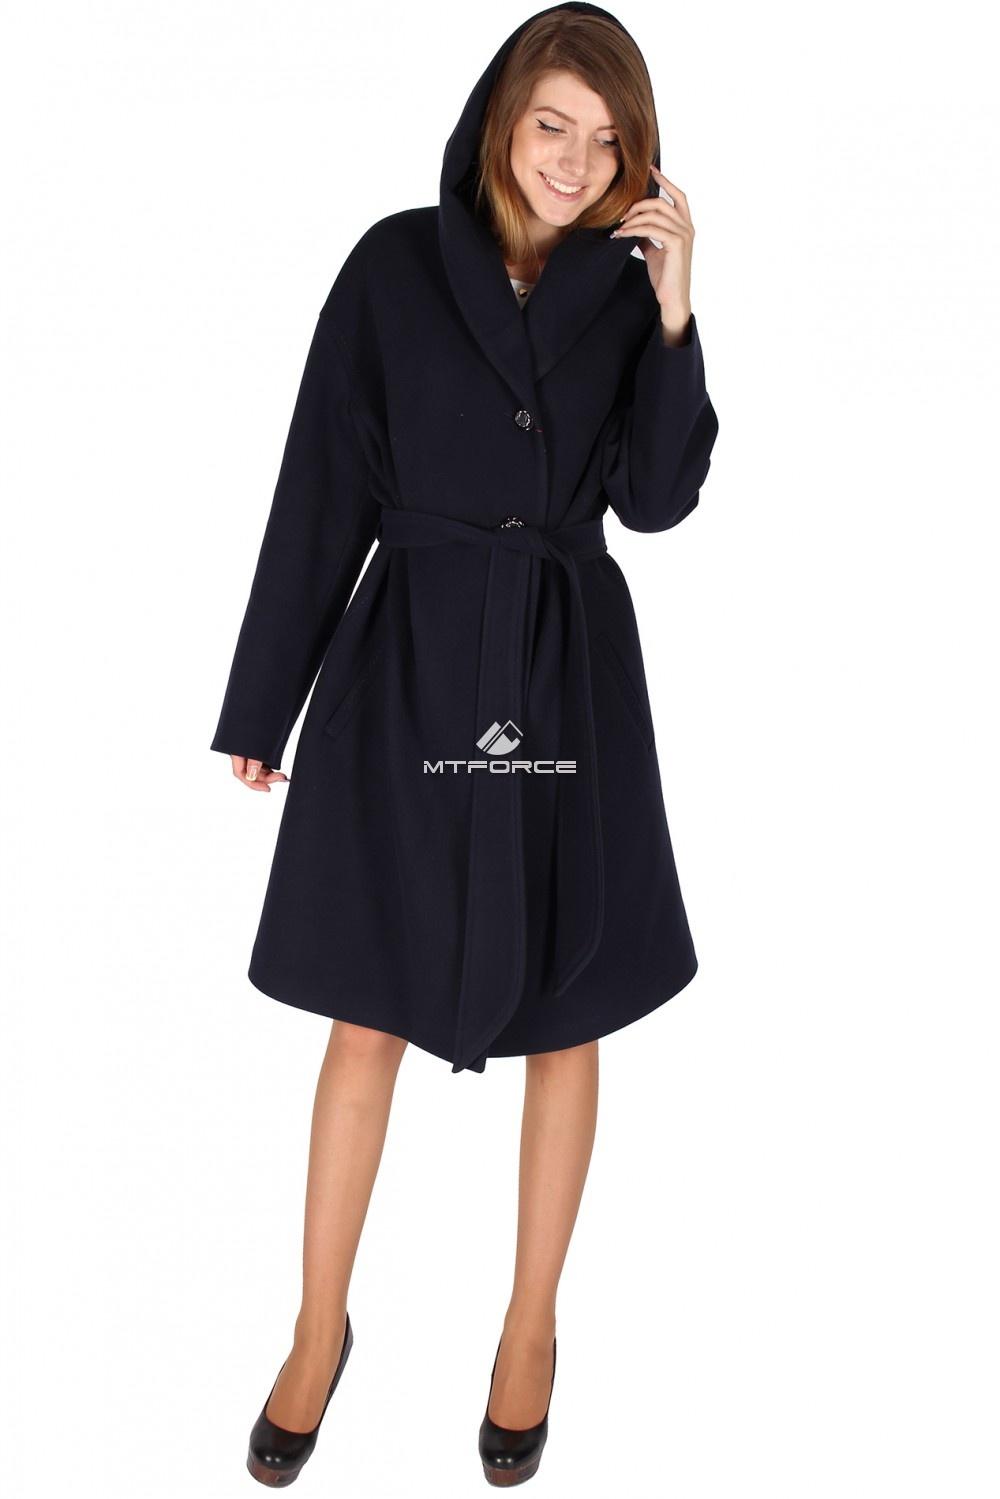 Купить                                  оптом Пальто женское темно-синего цвета 15249TS-1